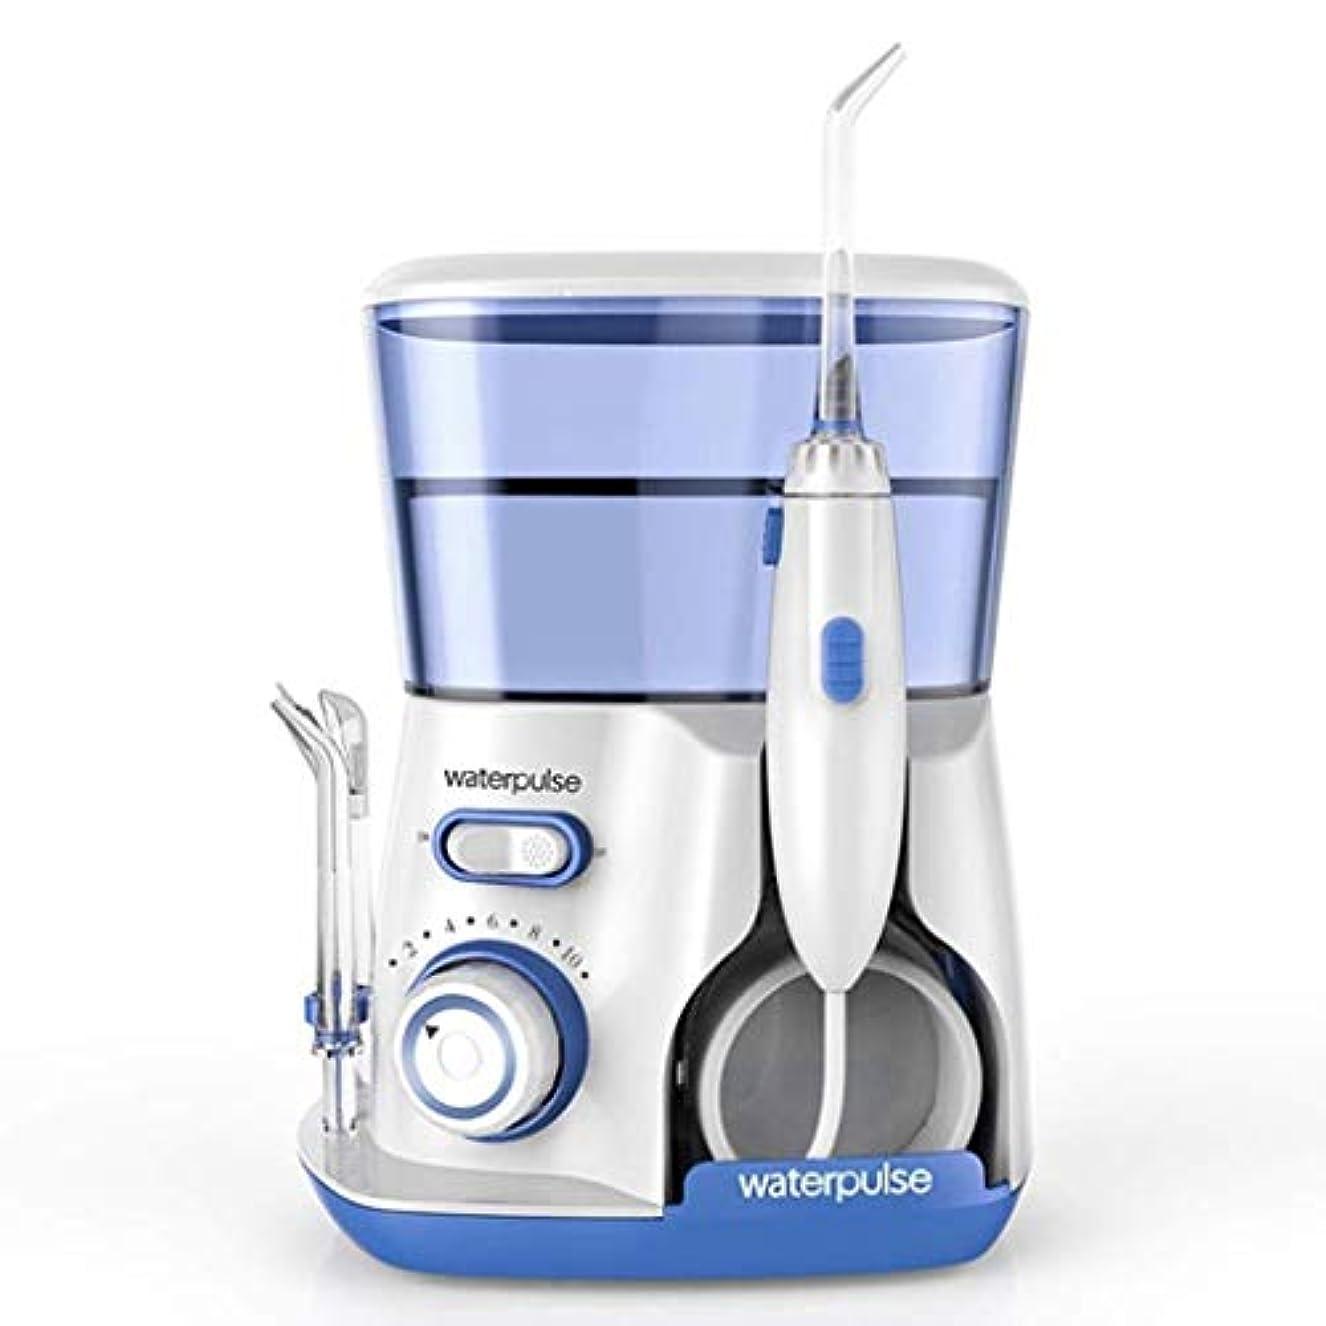 ゆり不安定な波歯科洗浄機、電動歯洗浄機、ポータブル家庭用口腔洗浄機、5つのノズル付き800ML、360度の洗浄 (Color : V)